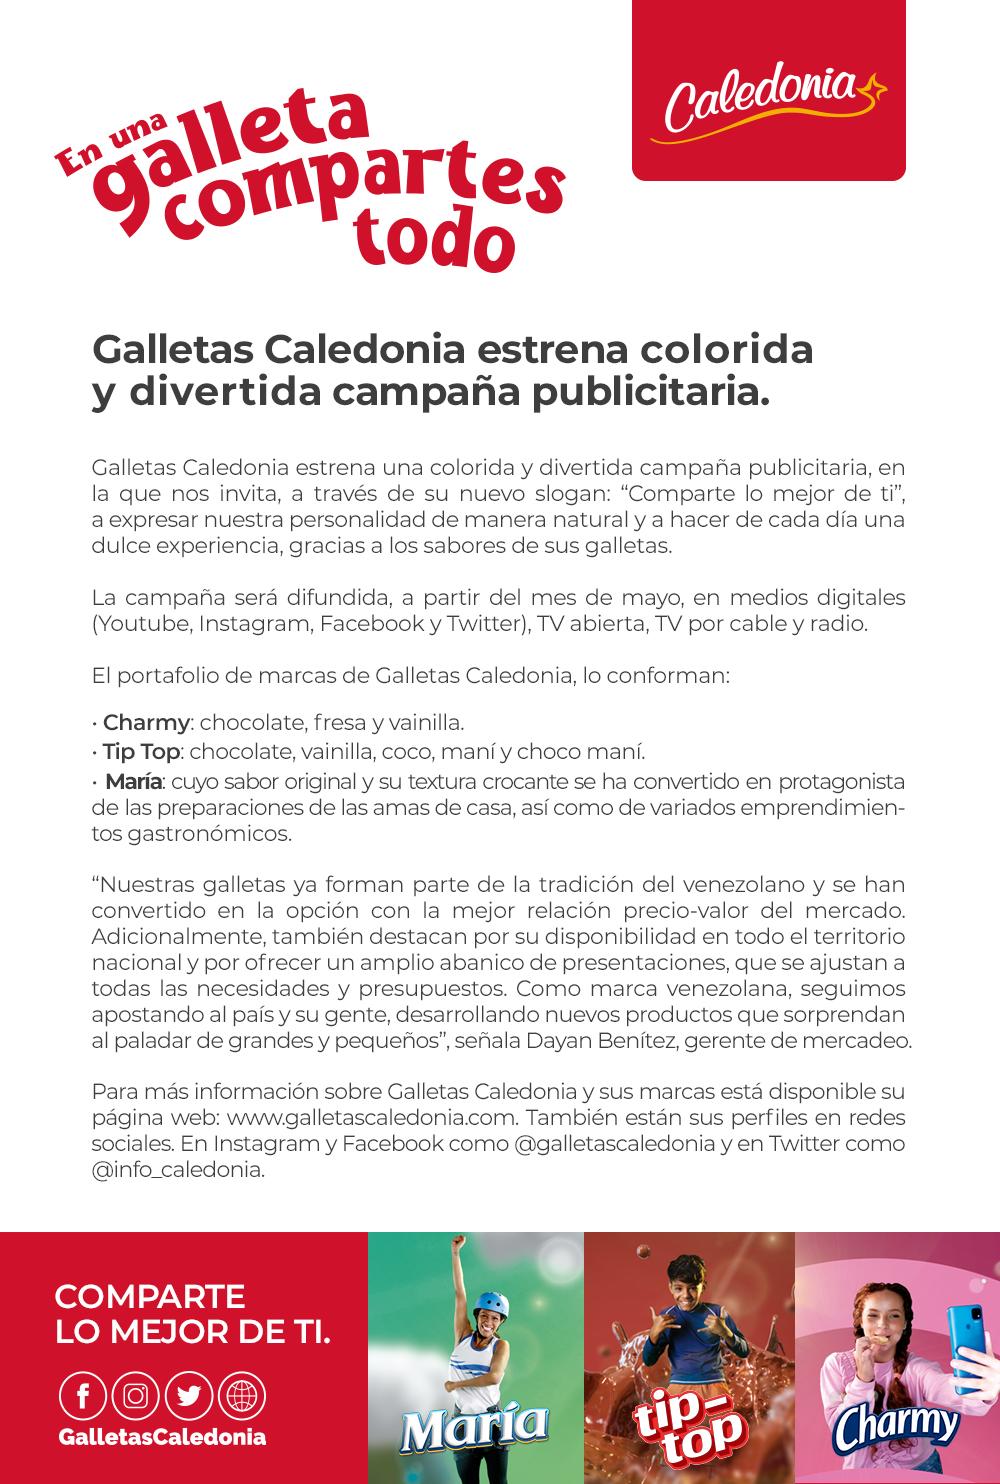 Galletas Caledonia estrena colorida y divertida campaña publicitaria.